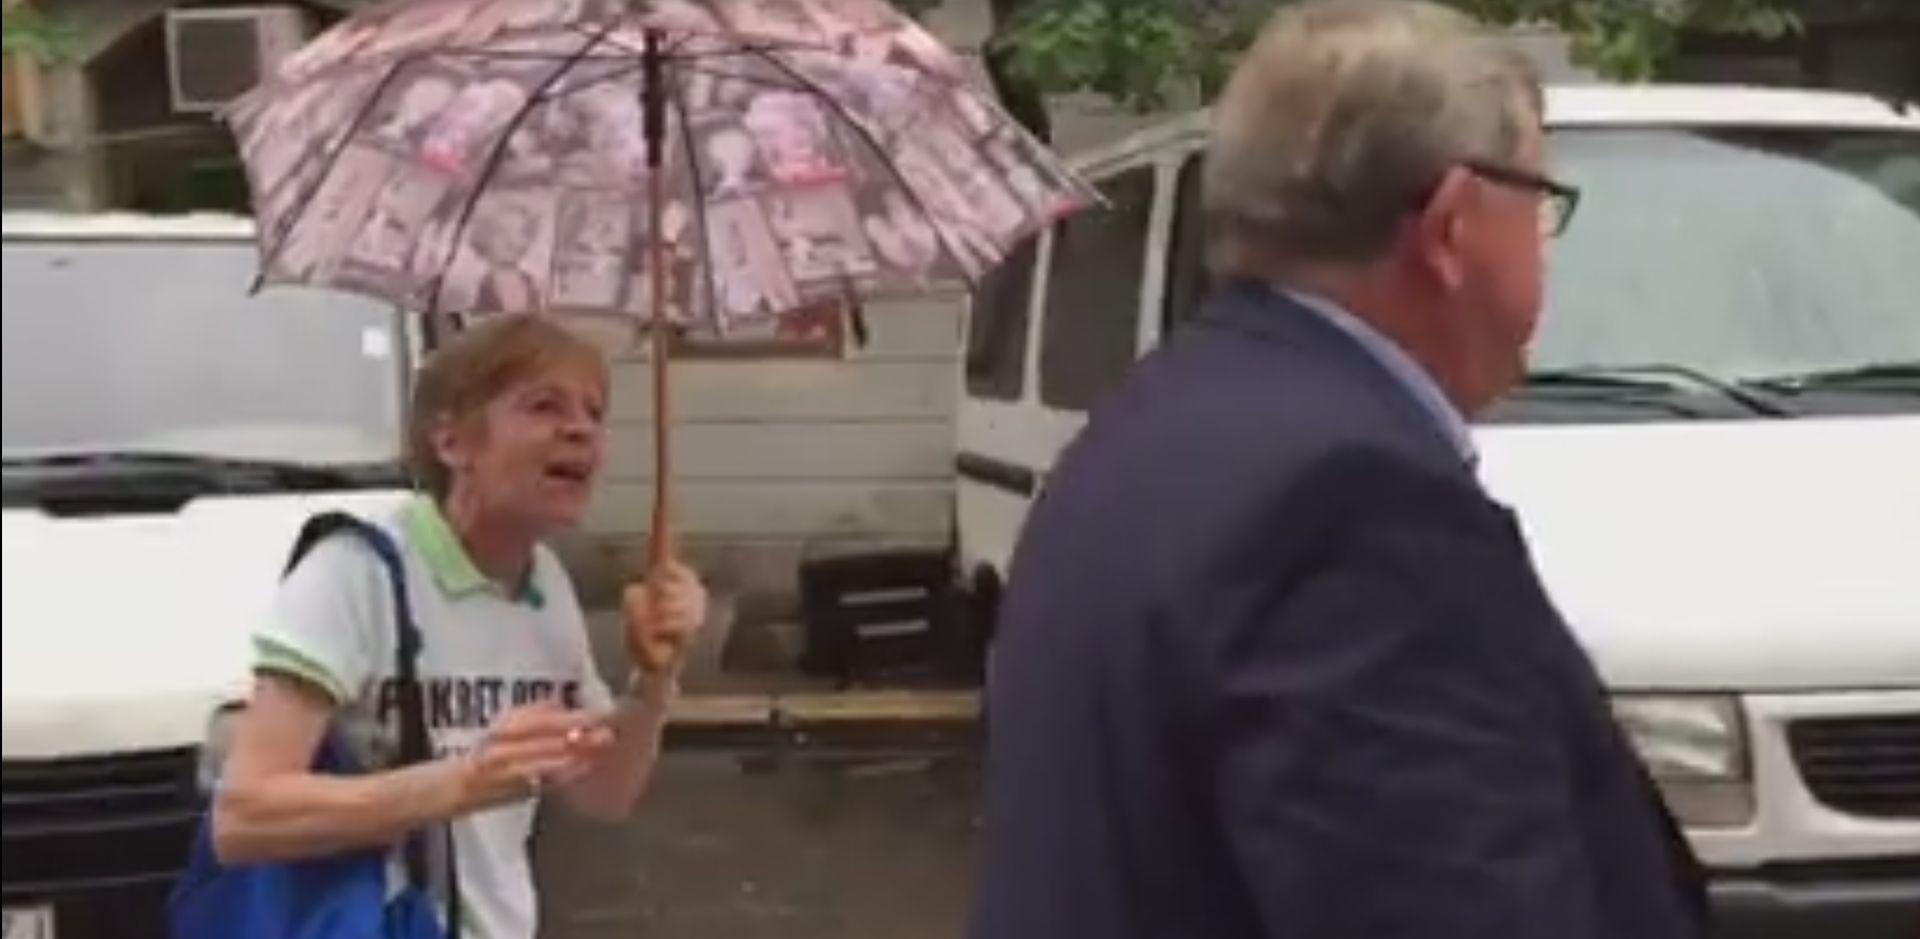 VIDEO: BURNO U RIJECI Obersnel istrgnuo kišobran iz ruku aktivistici koja ga je nazvala 'debelim go****'